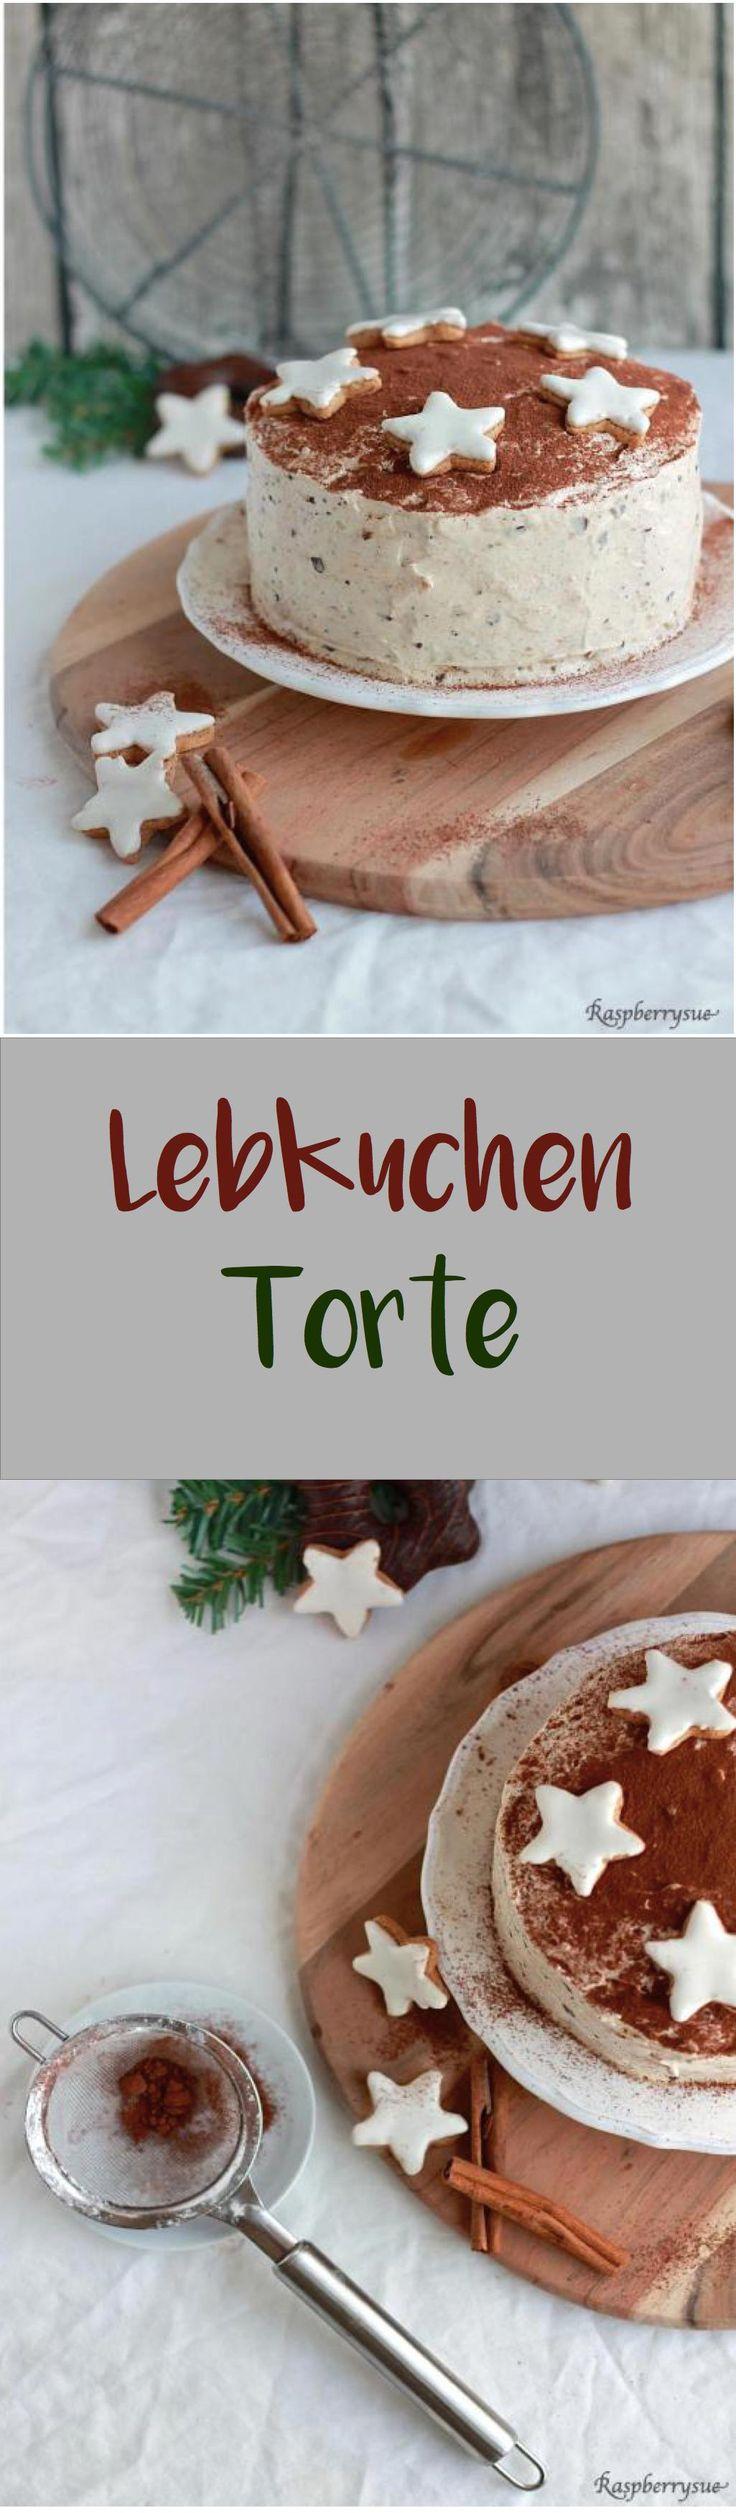 Lebkuchen-Torte für Weihnachten, eine Lieblingstorte in unserer Familie